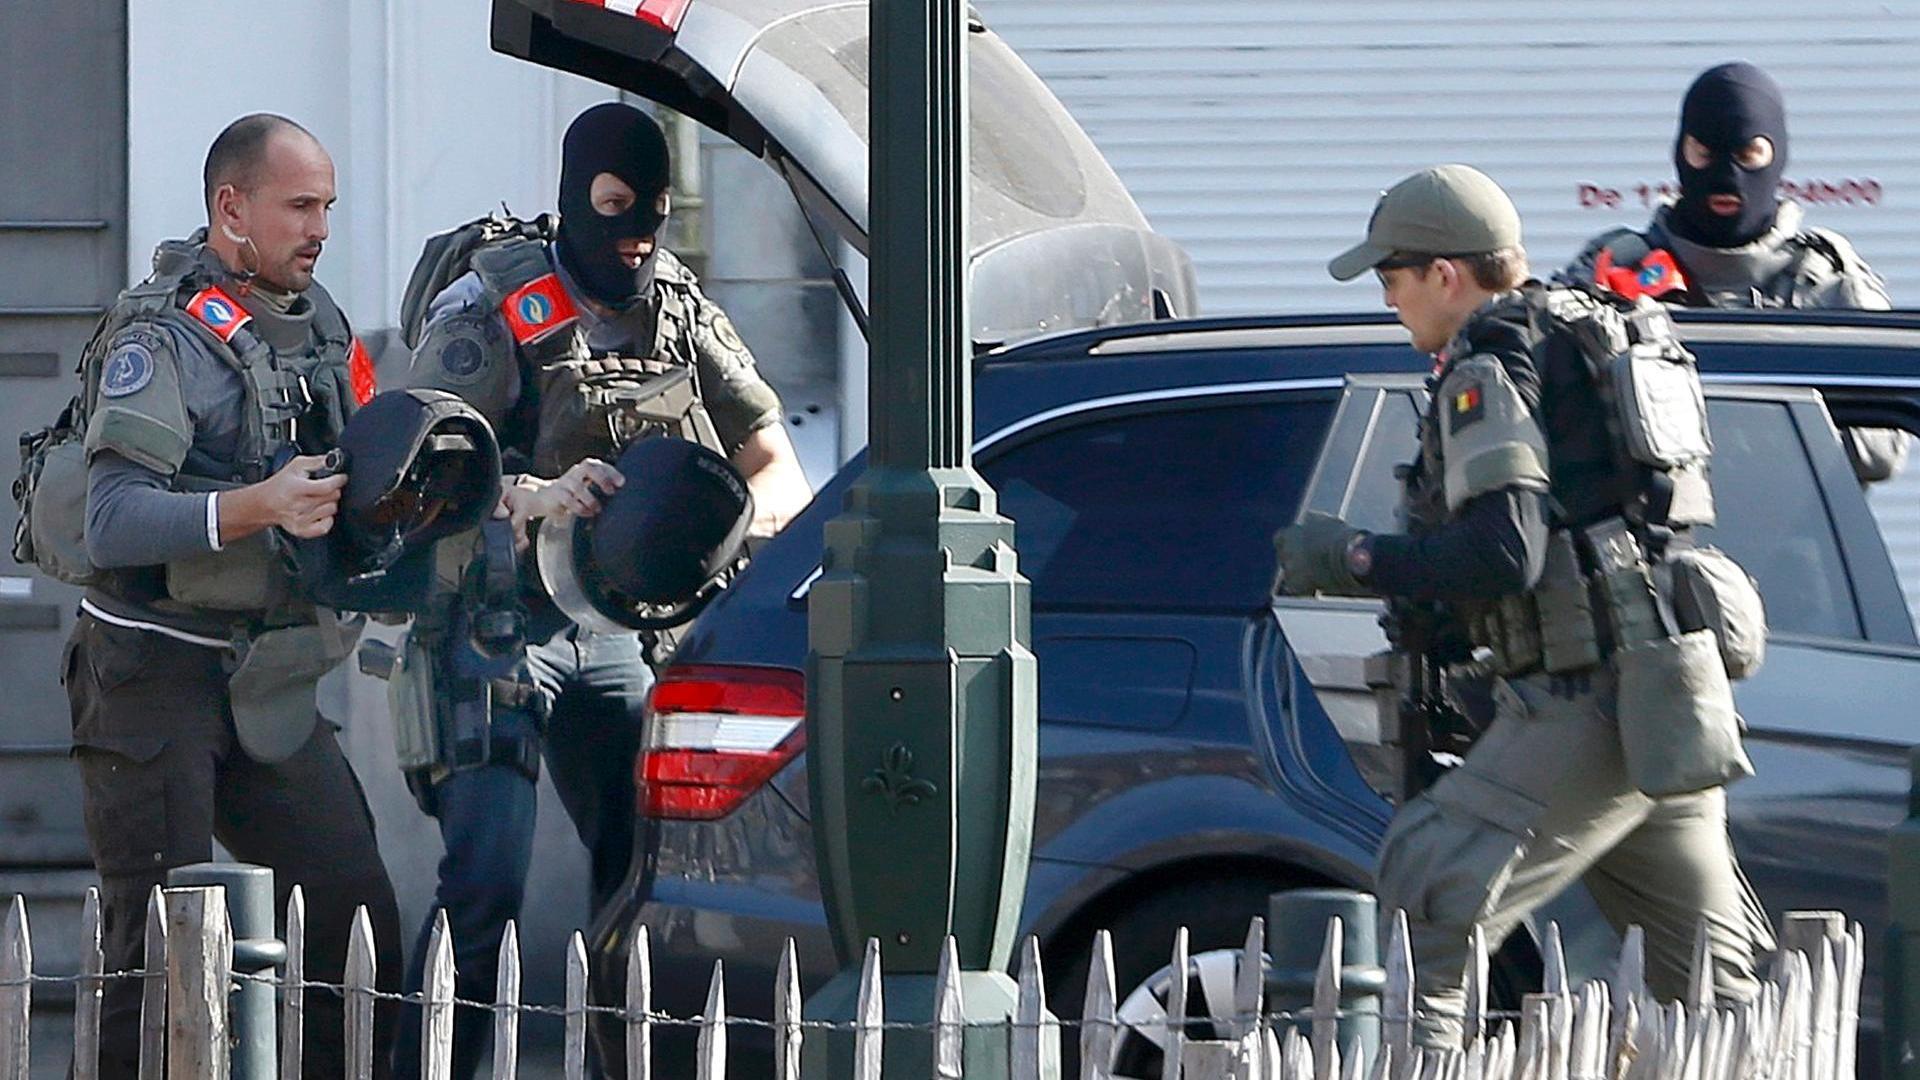 بازداشت 12 مظنون به برنامه ریزی برای عملیات خرابکارانه در بلژیک